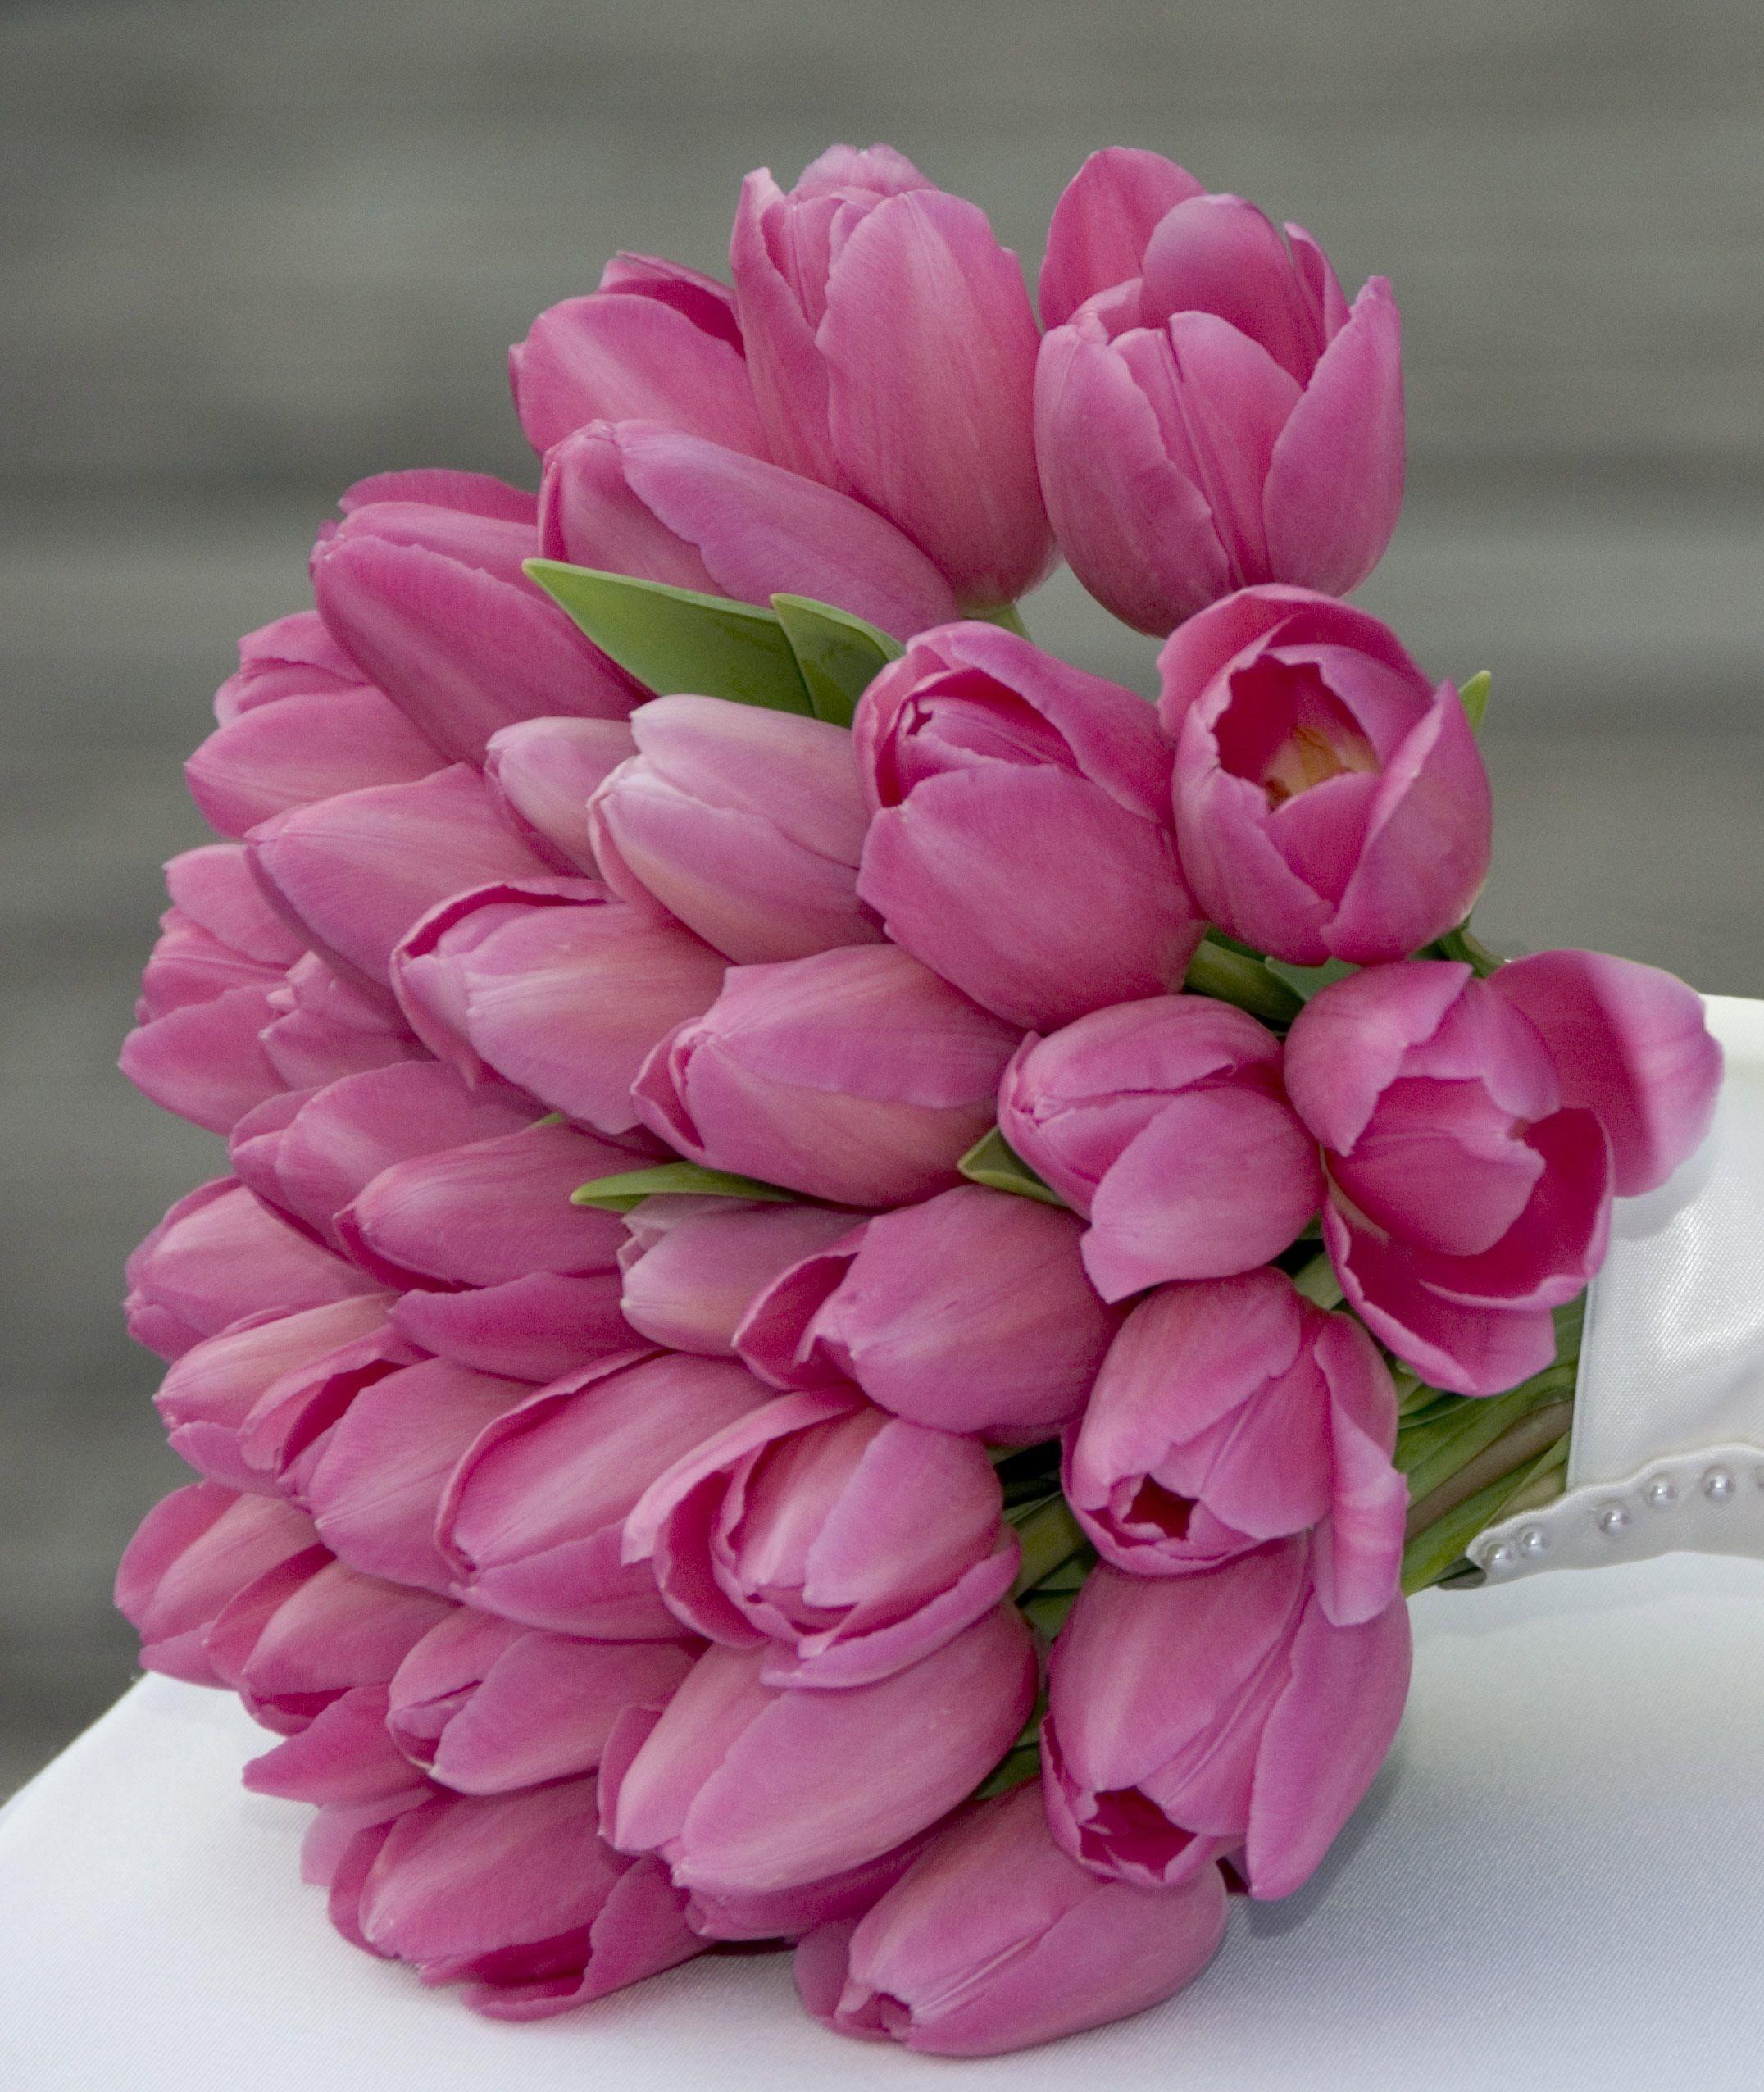 Wholesale Wedding Flower Packages: Pink Tulip Bridal Bouquet - Bridal Bouquets